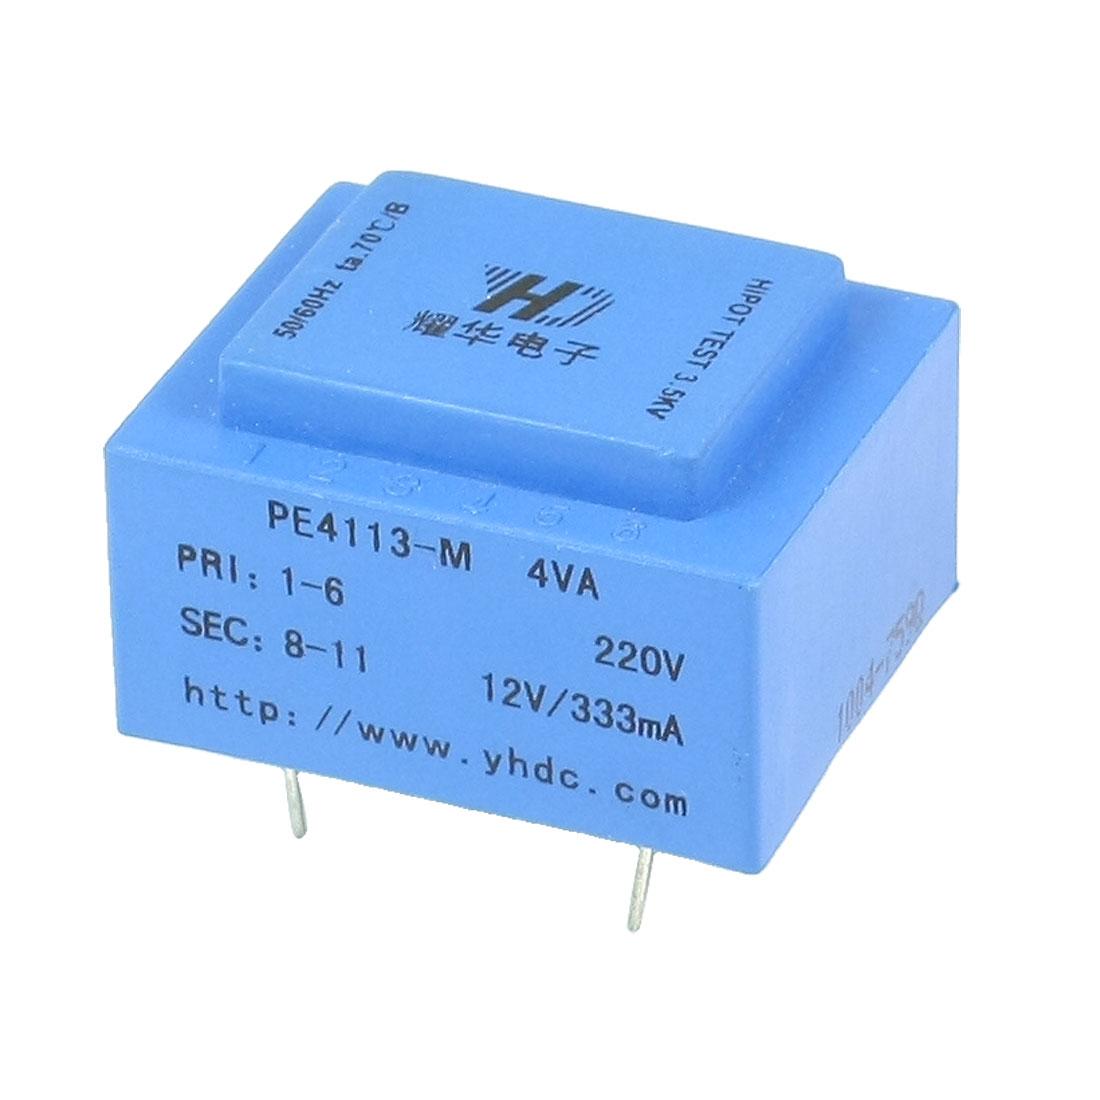 PE4113-M 4VA 50/60 Hz 12V 333mA Output Mains Encapsulated Transformer